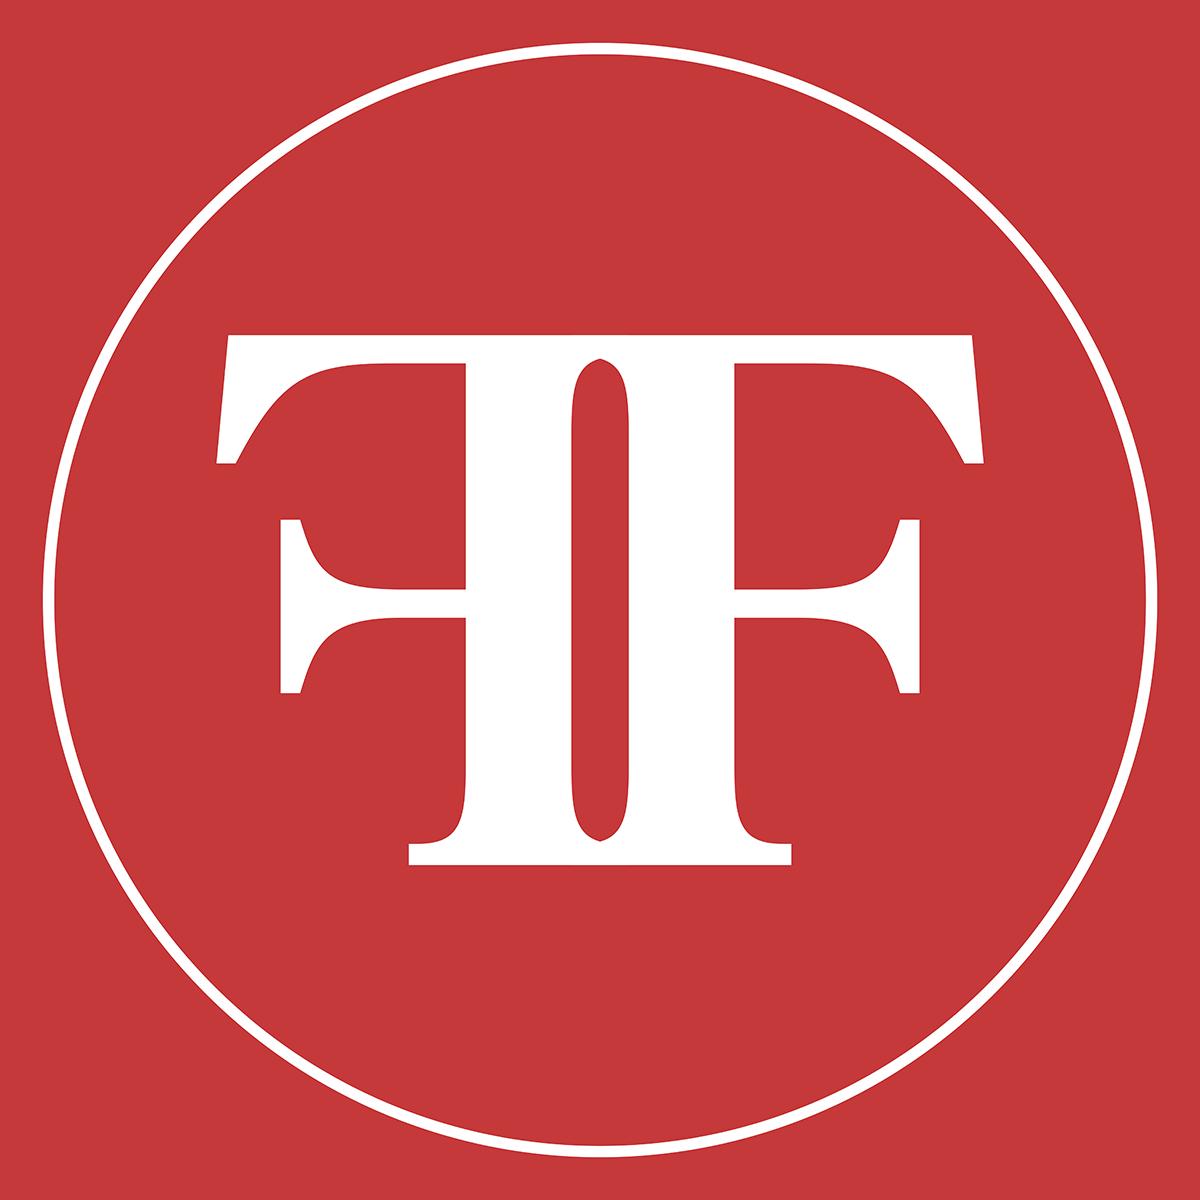 4in Ff Circle Logo